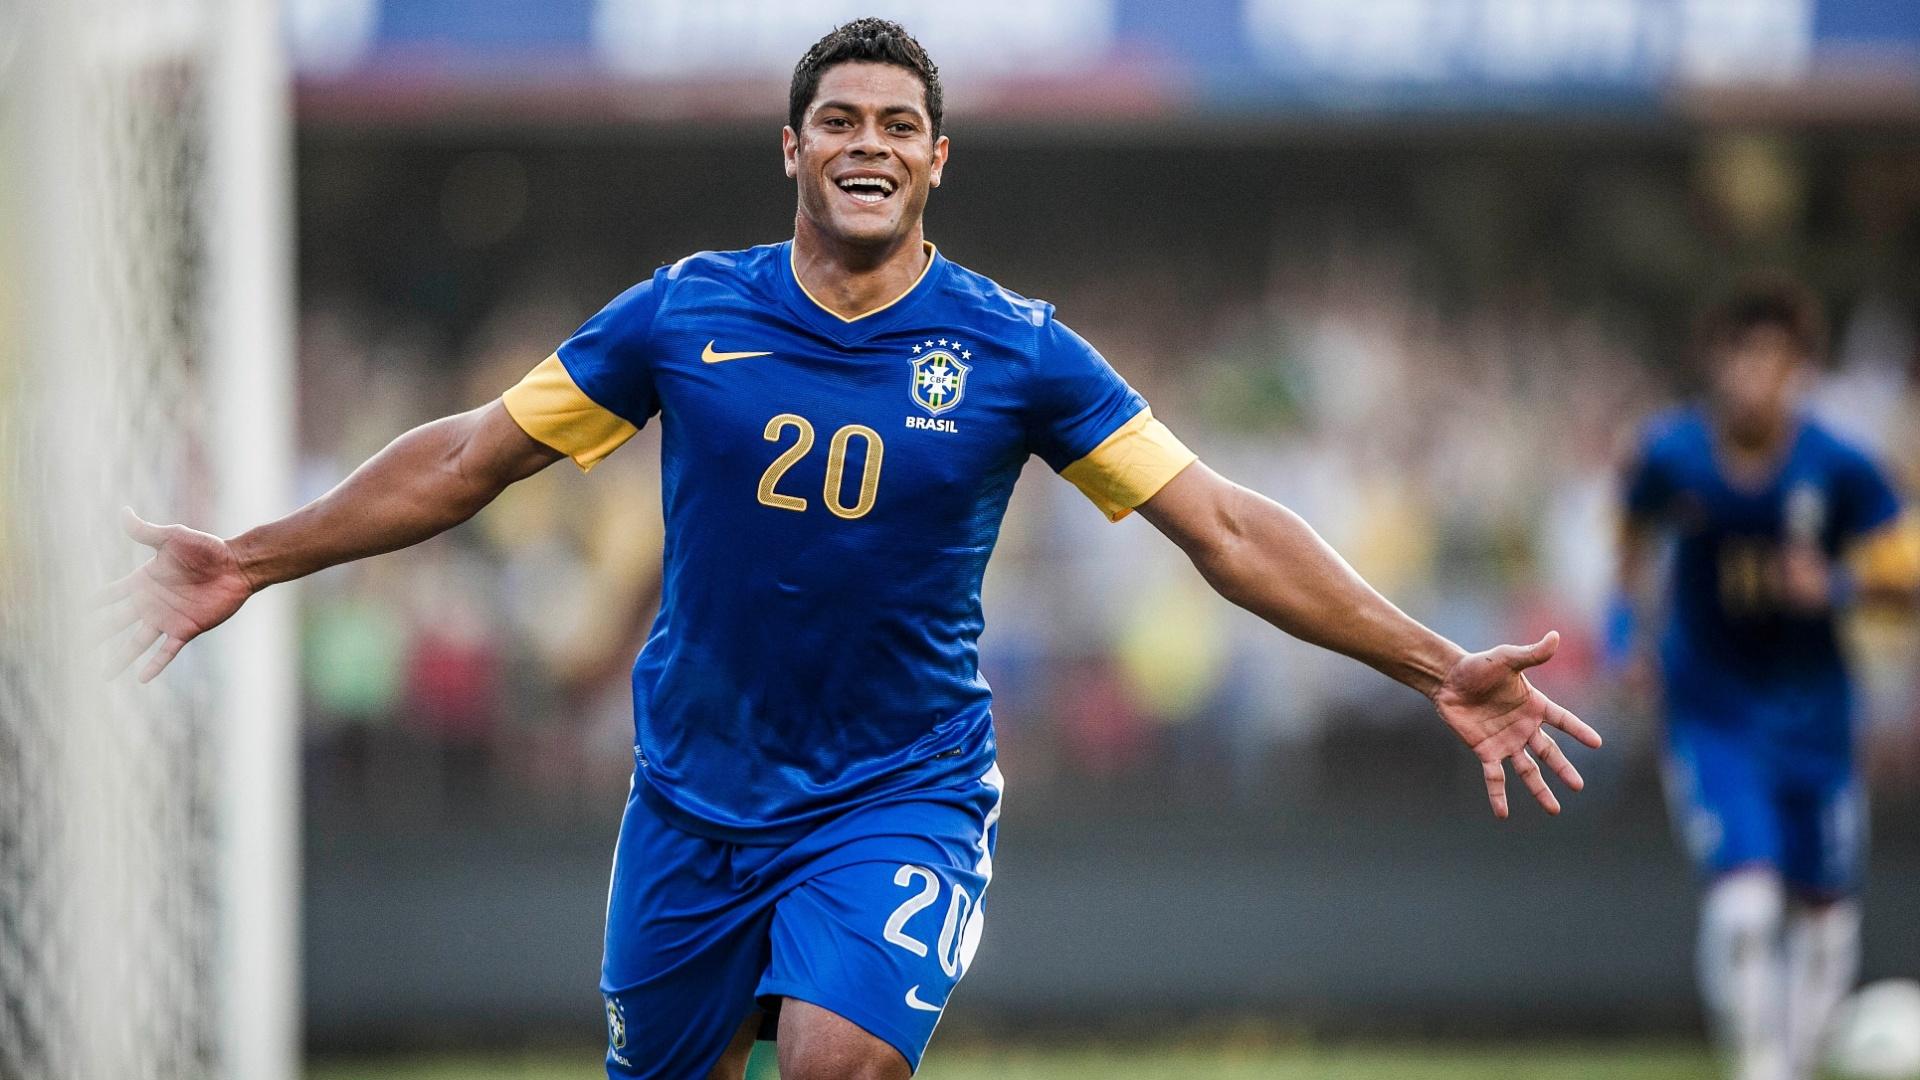 Hulk vibra com seu gol pela seleção brasileira contra a África do Sul